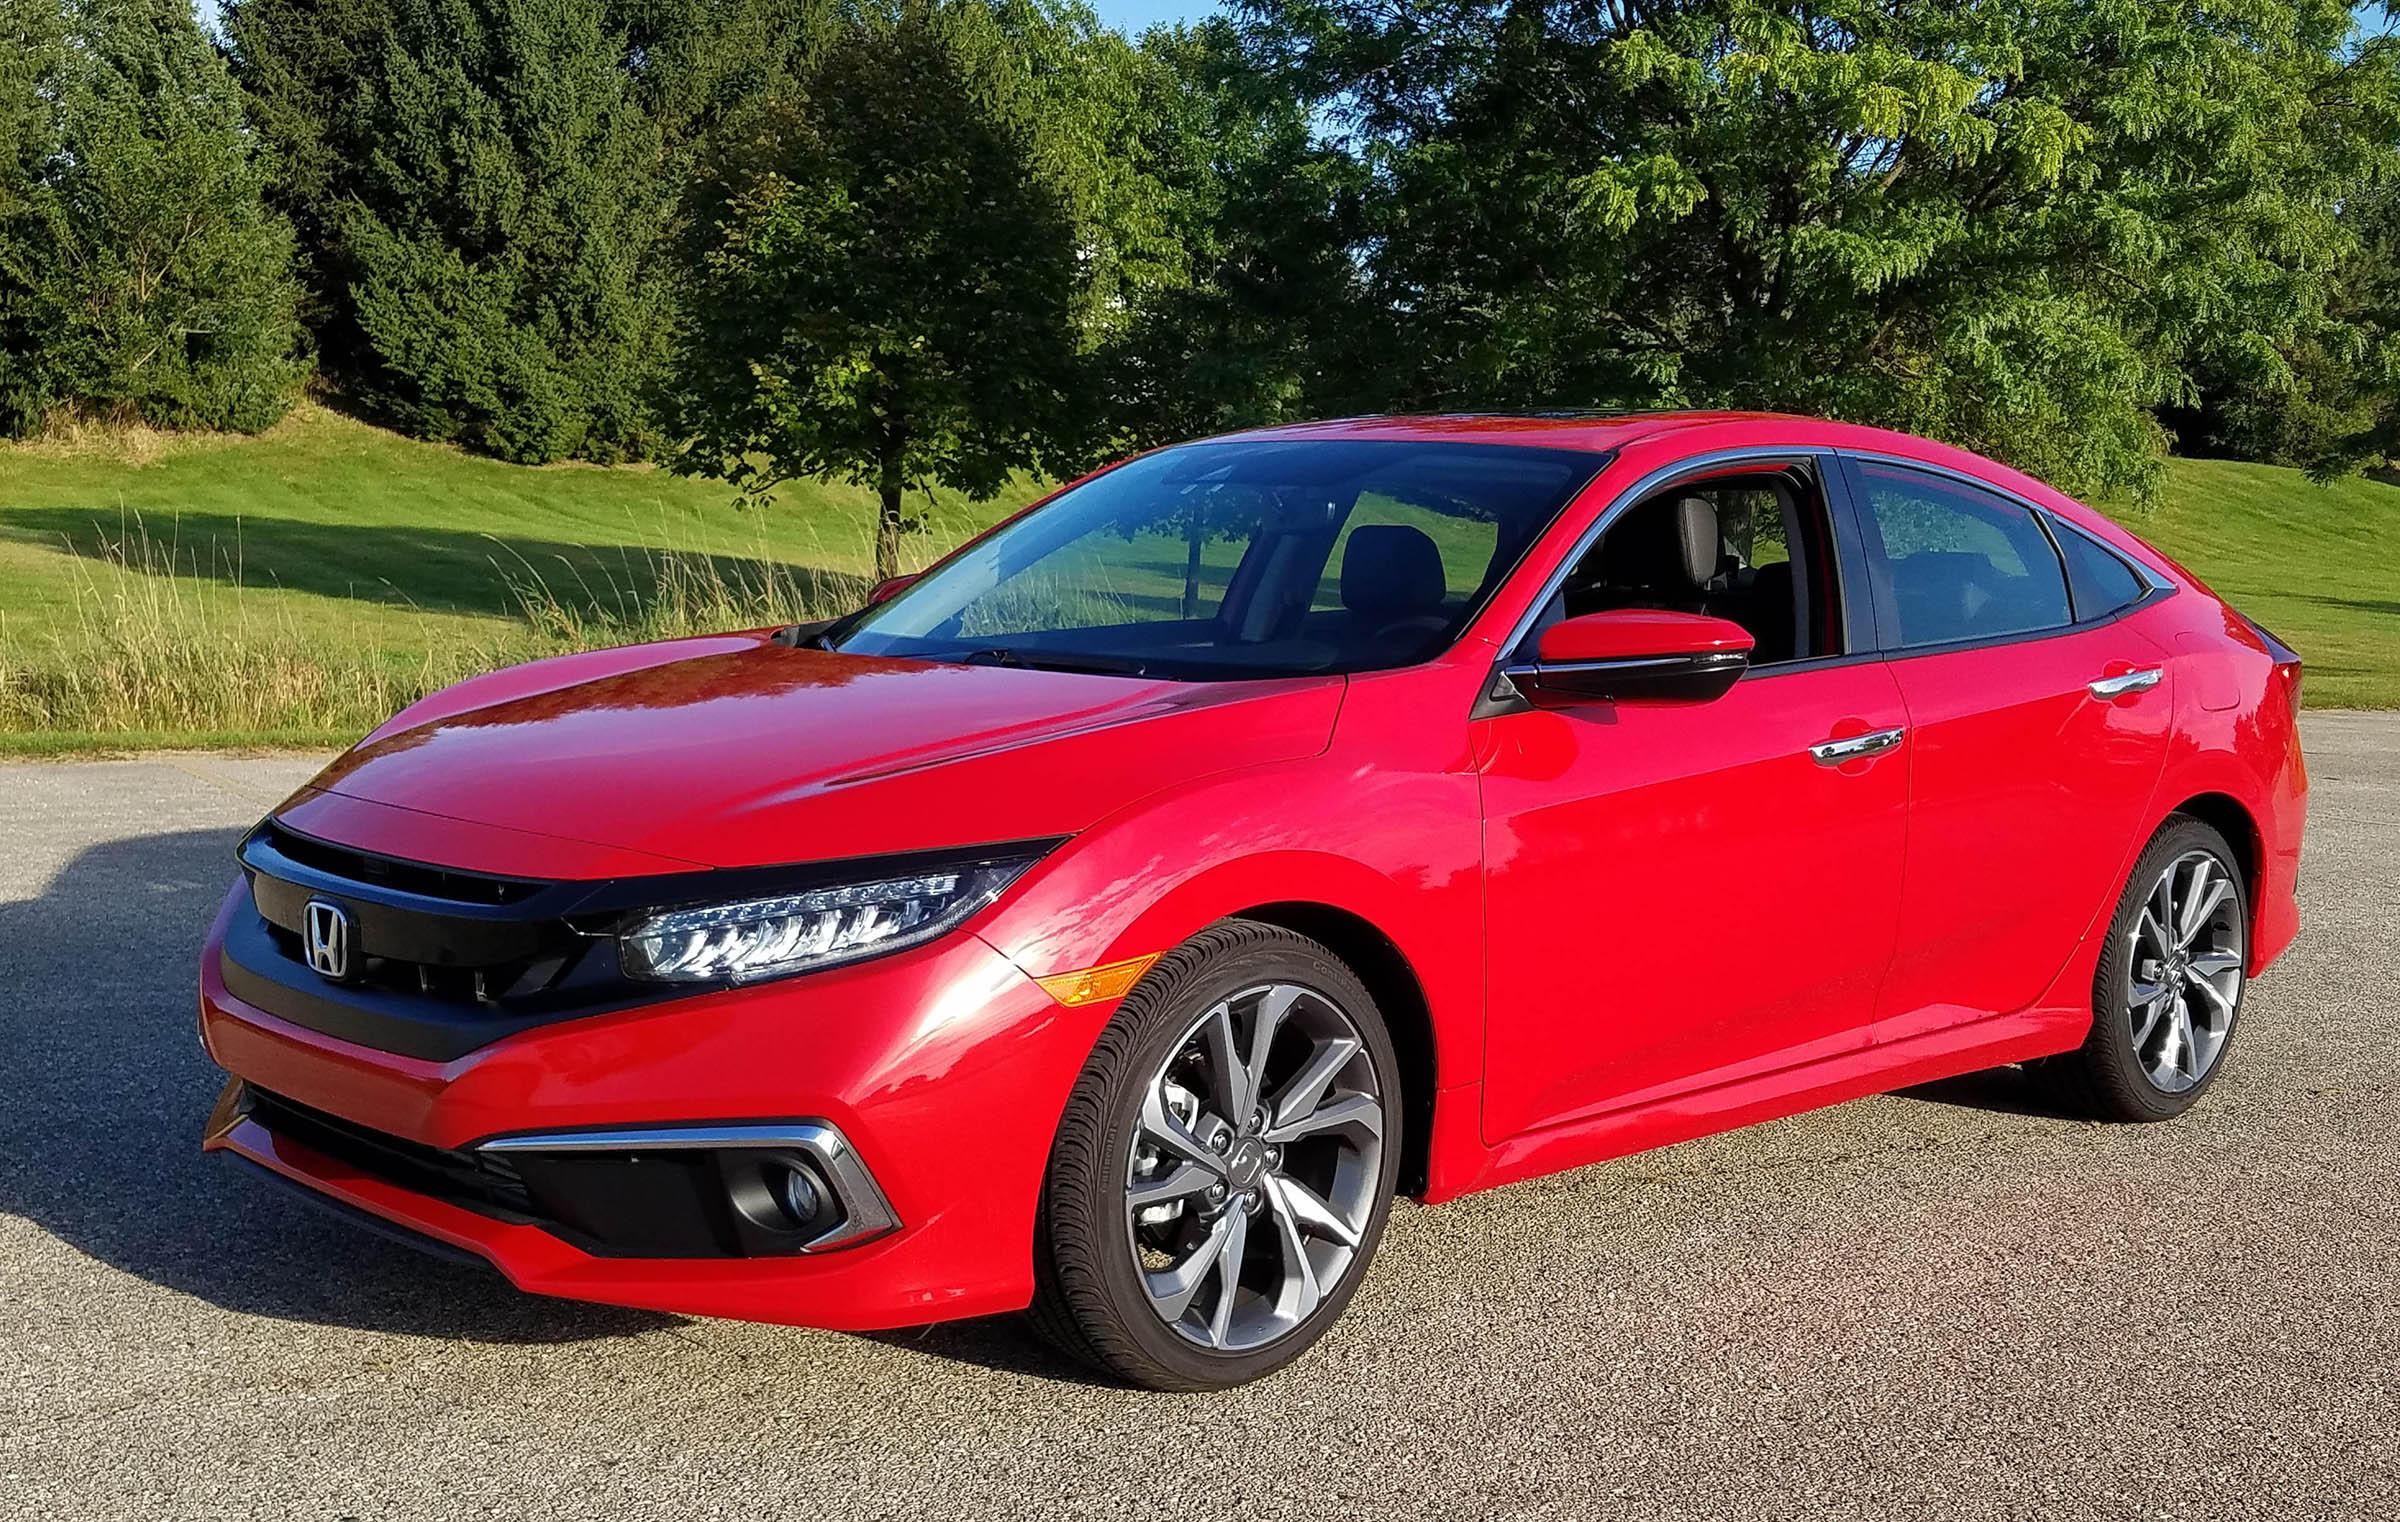 Kelebihan Honda Civic Sedan 2019 Harga